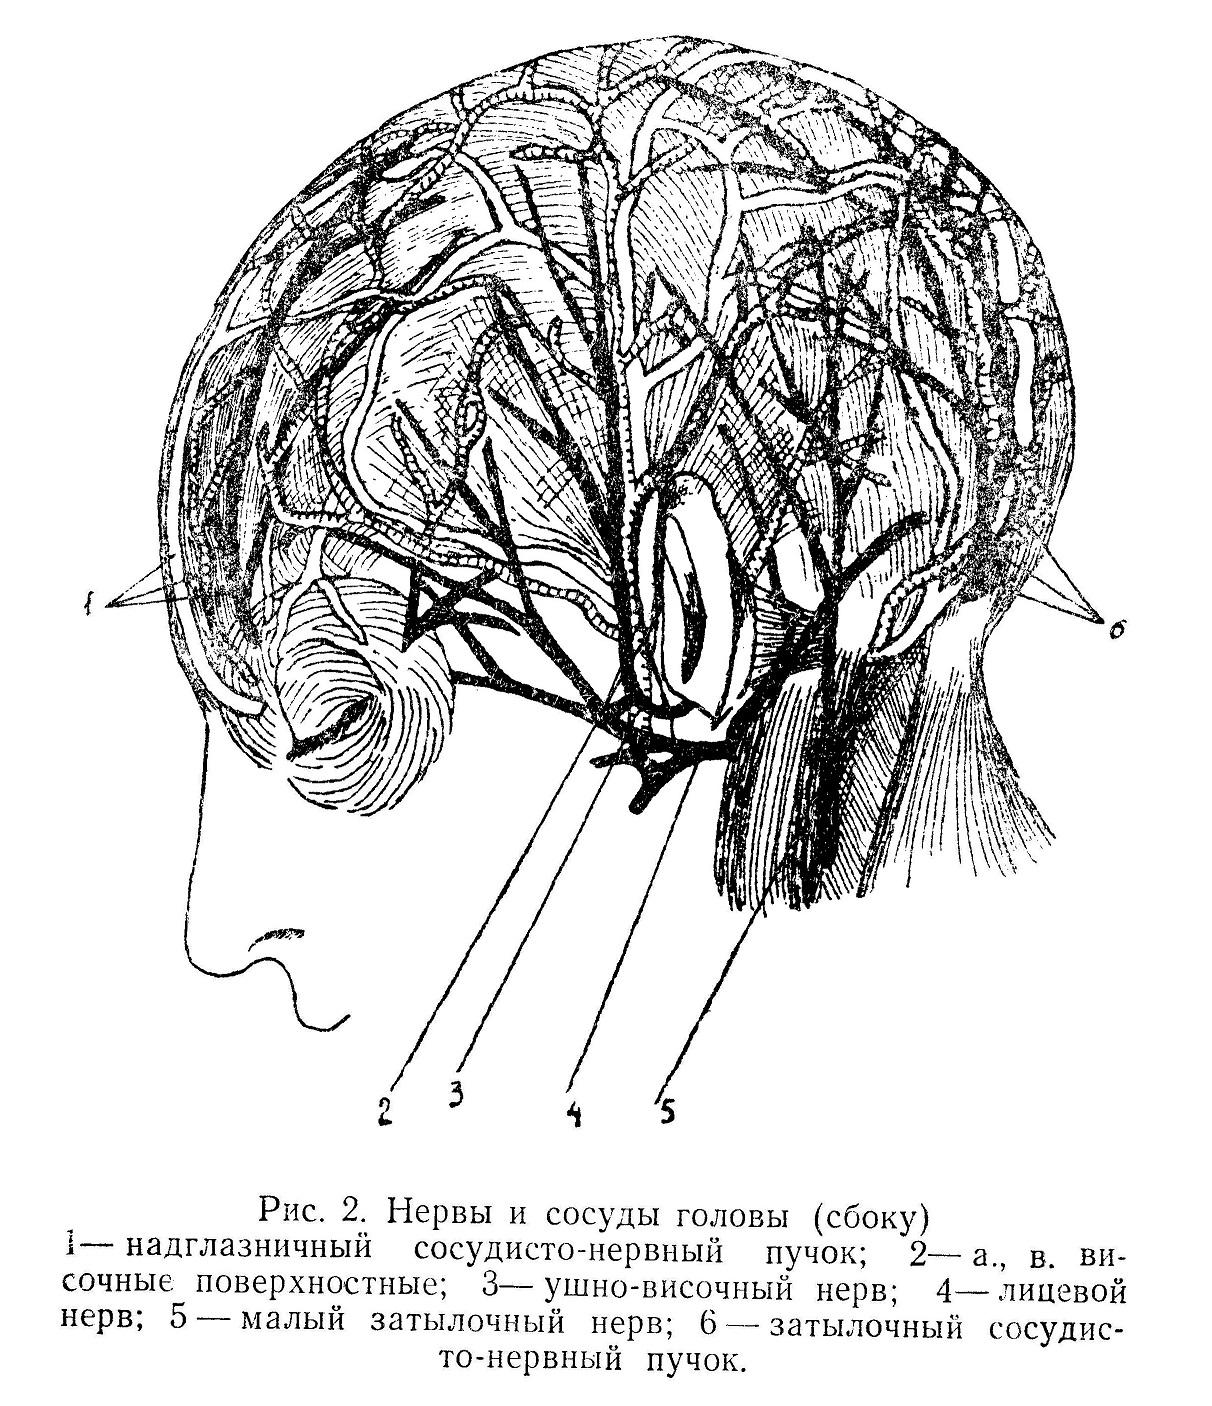 Нервы и сосуды головы (сбоку)